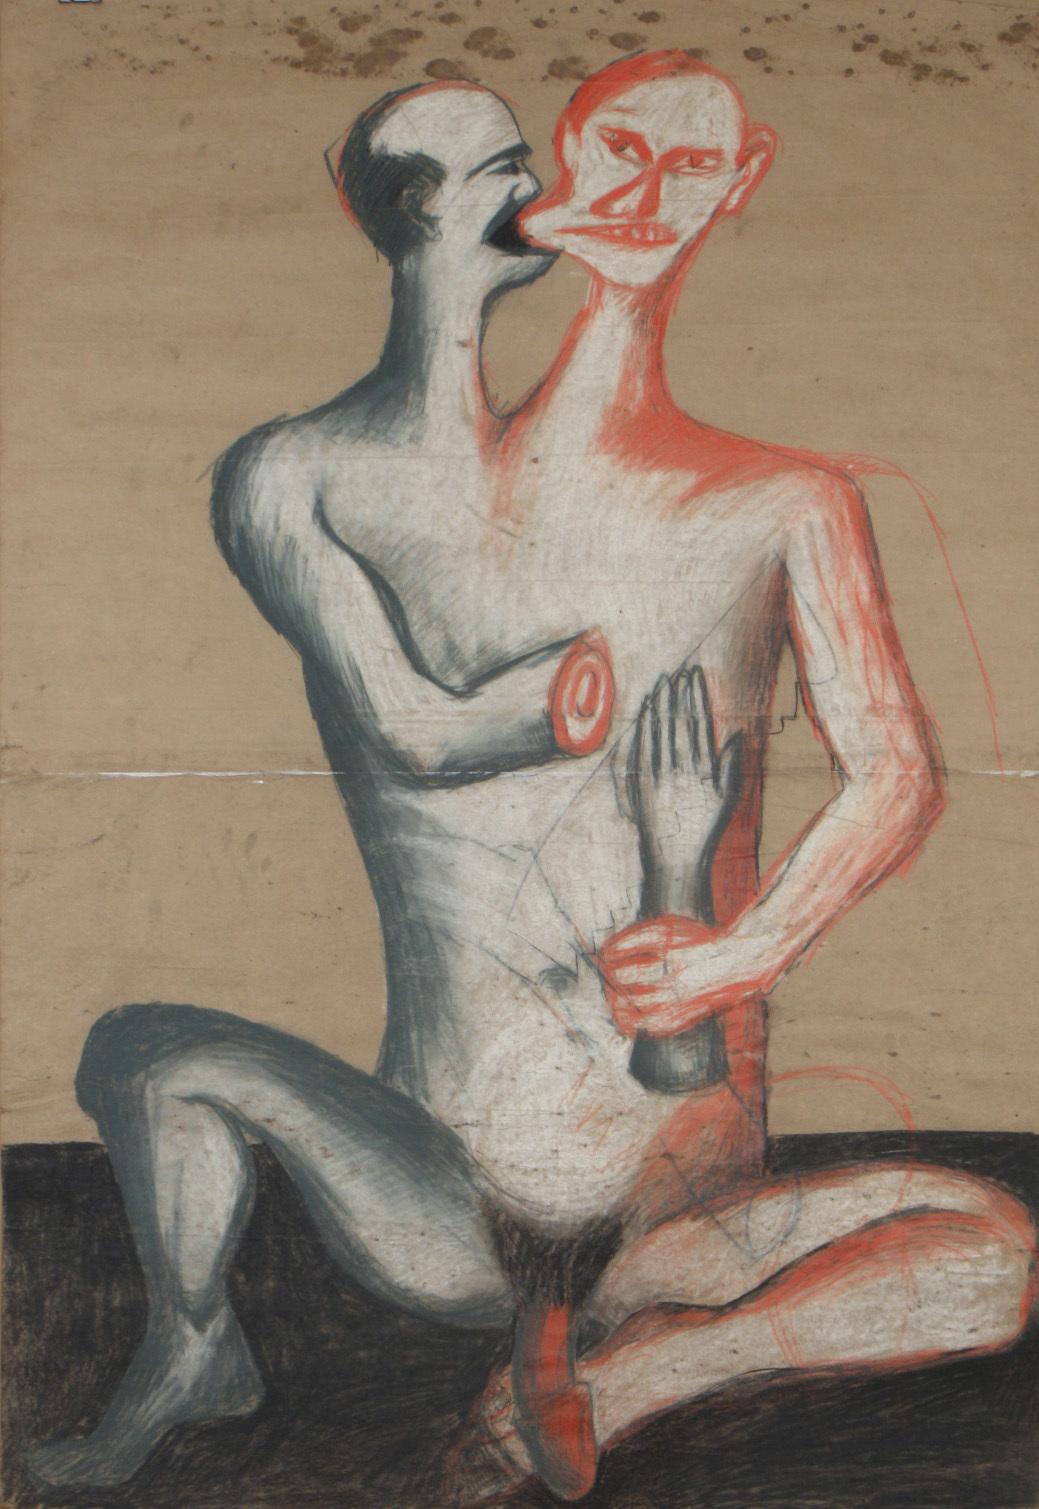 Jarosław Modzelewski, Dwugłowy Chińczyk, węgiel, kreda, kredki, 182 x 126 cm, 1985